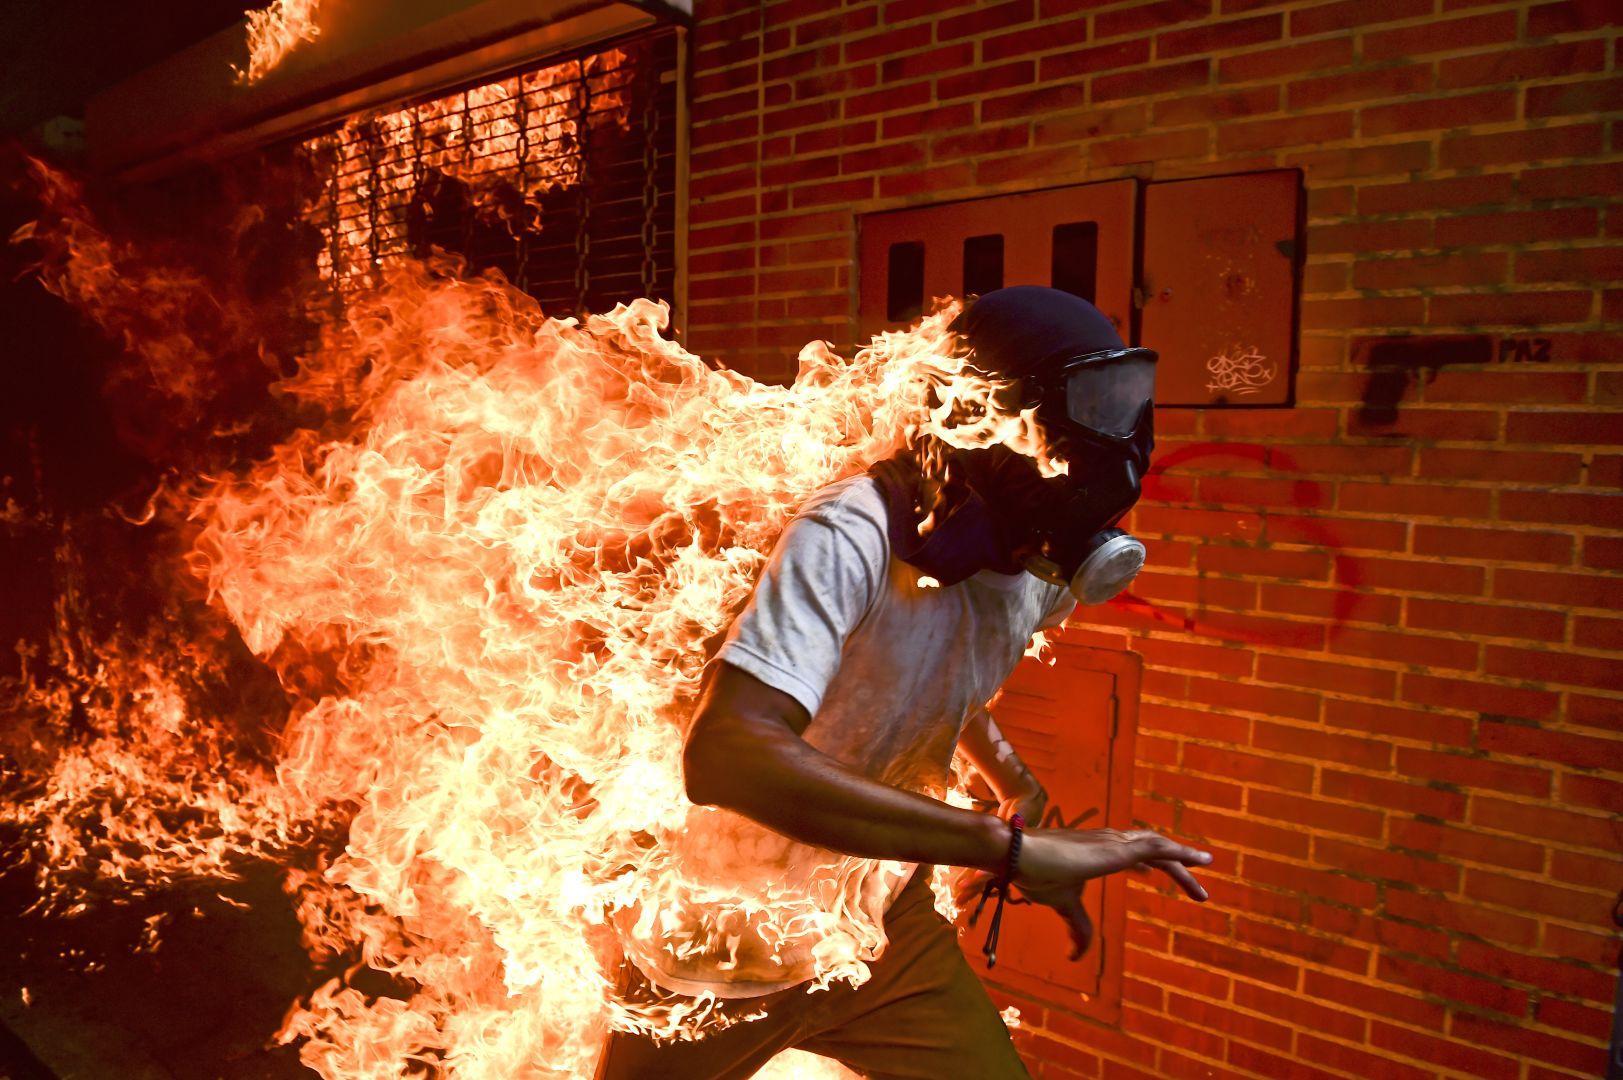 Венесуэльский кризис, © Роналду Щеидт, Венесуэла, Фотография года, Фотоконкурс World Press Photo